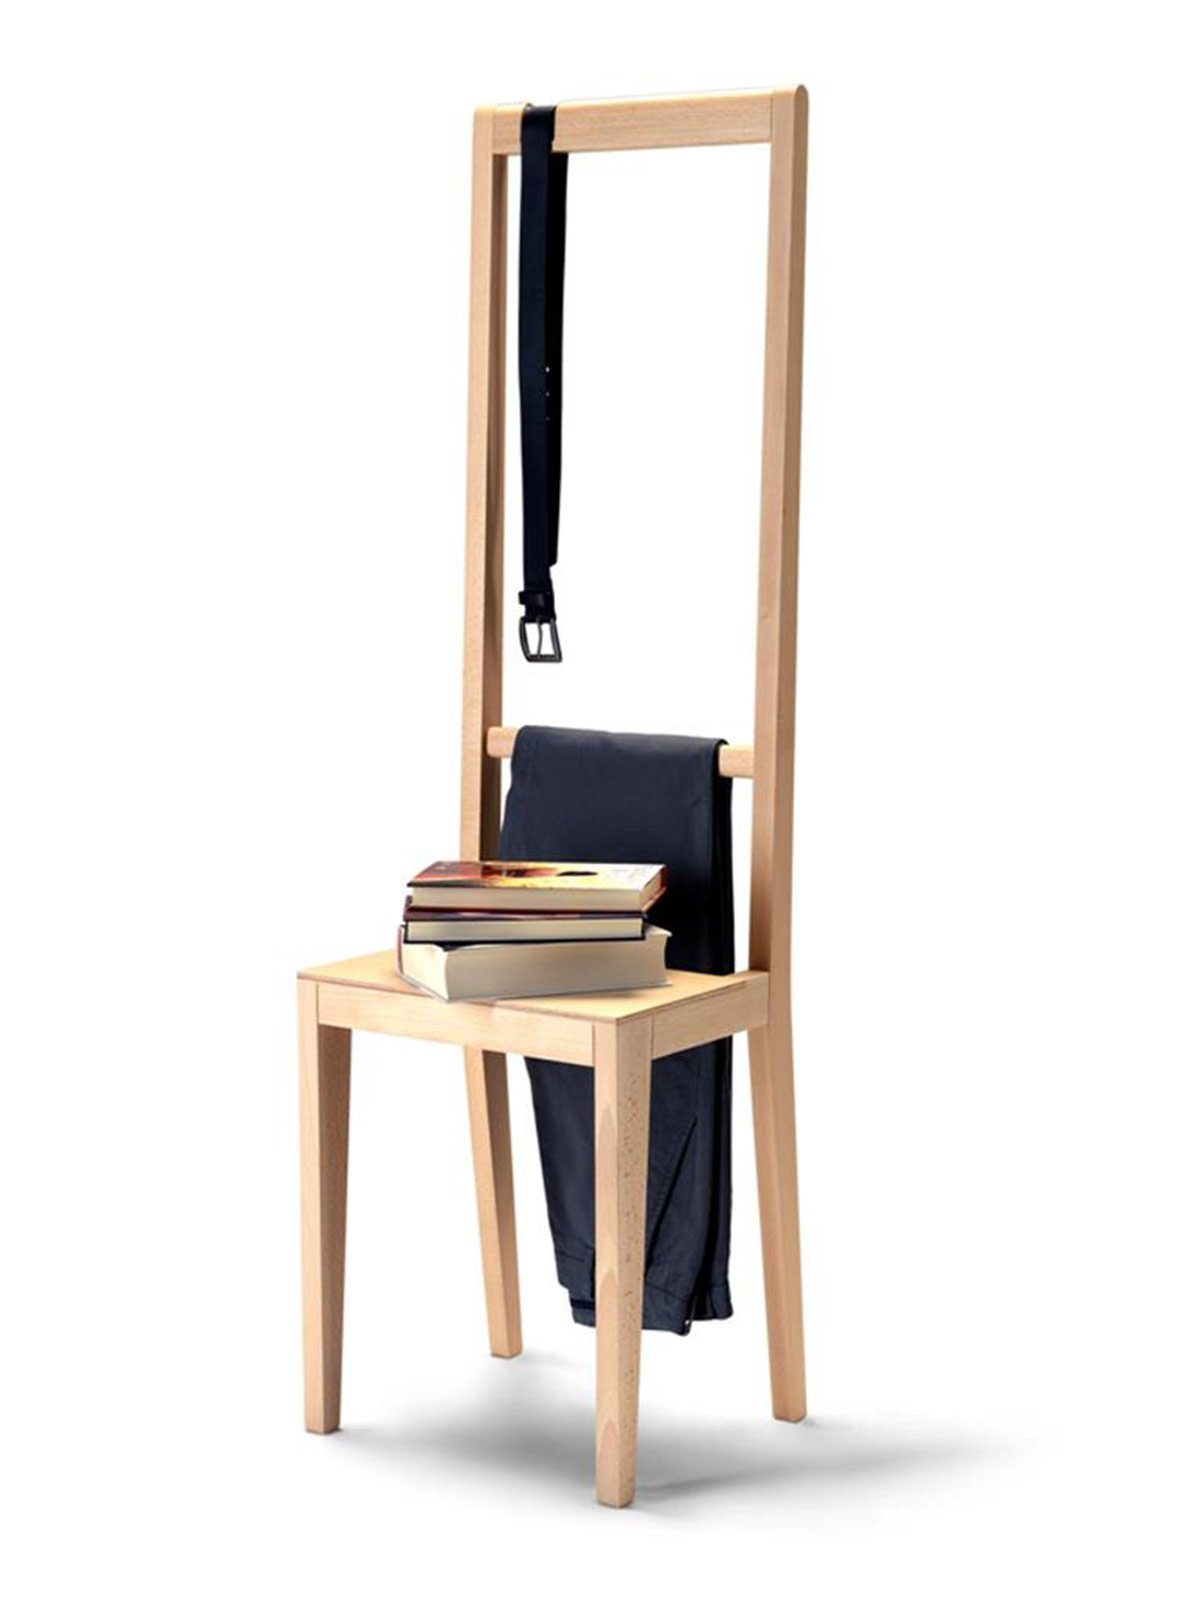 Console per sfruttare bene lo spazio cose di casa - Chevalet de chambre ...